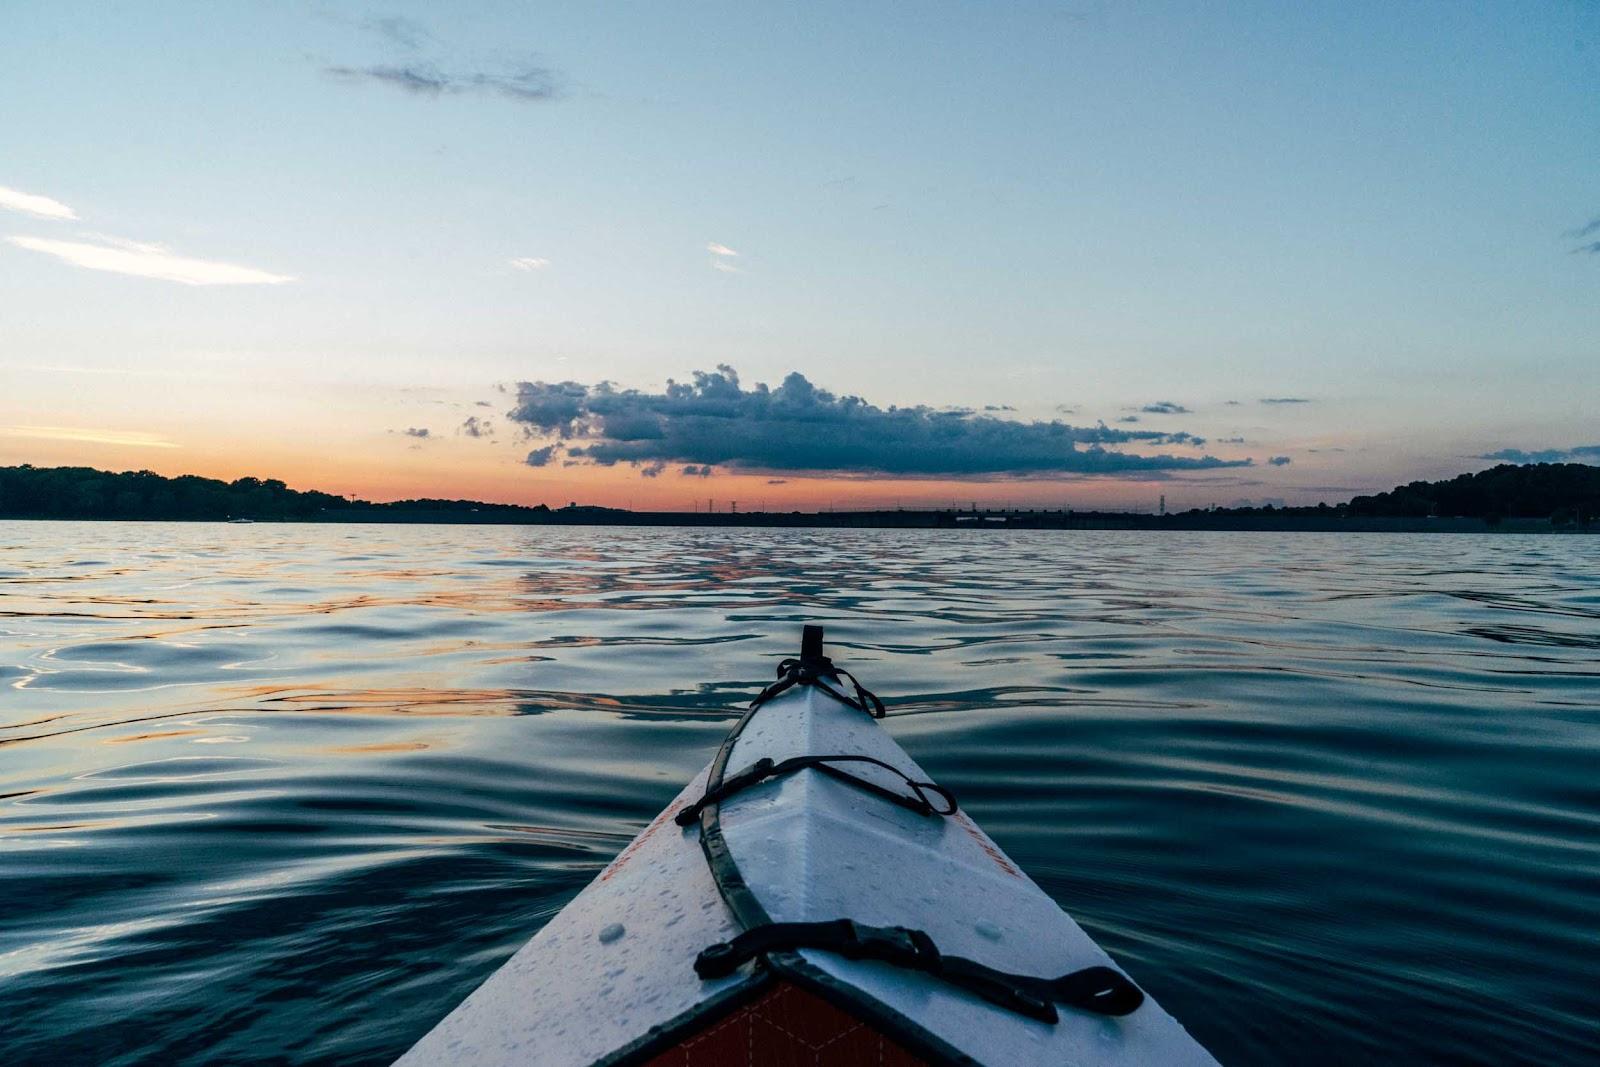 kayaking-water-sports-kauai